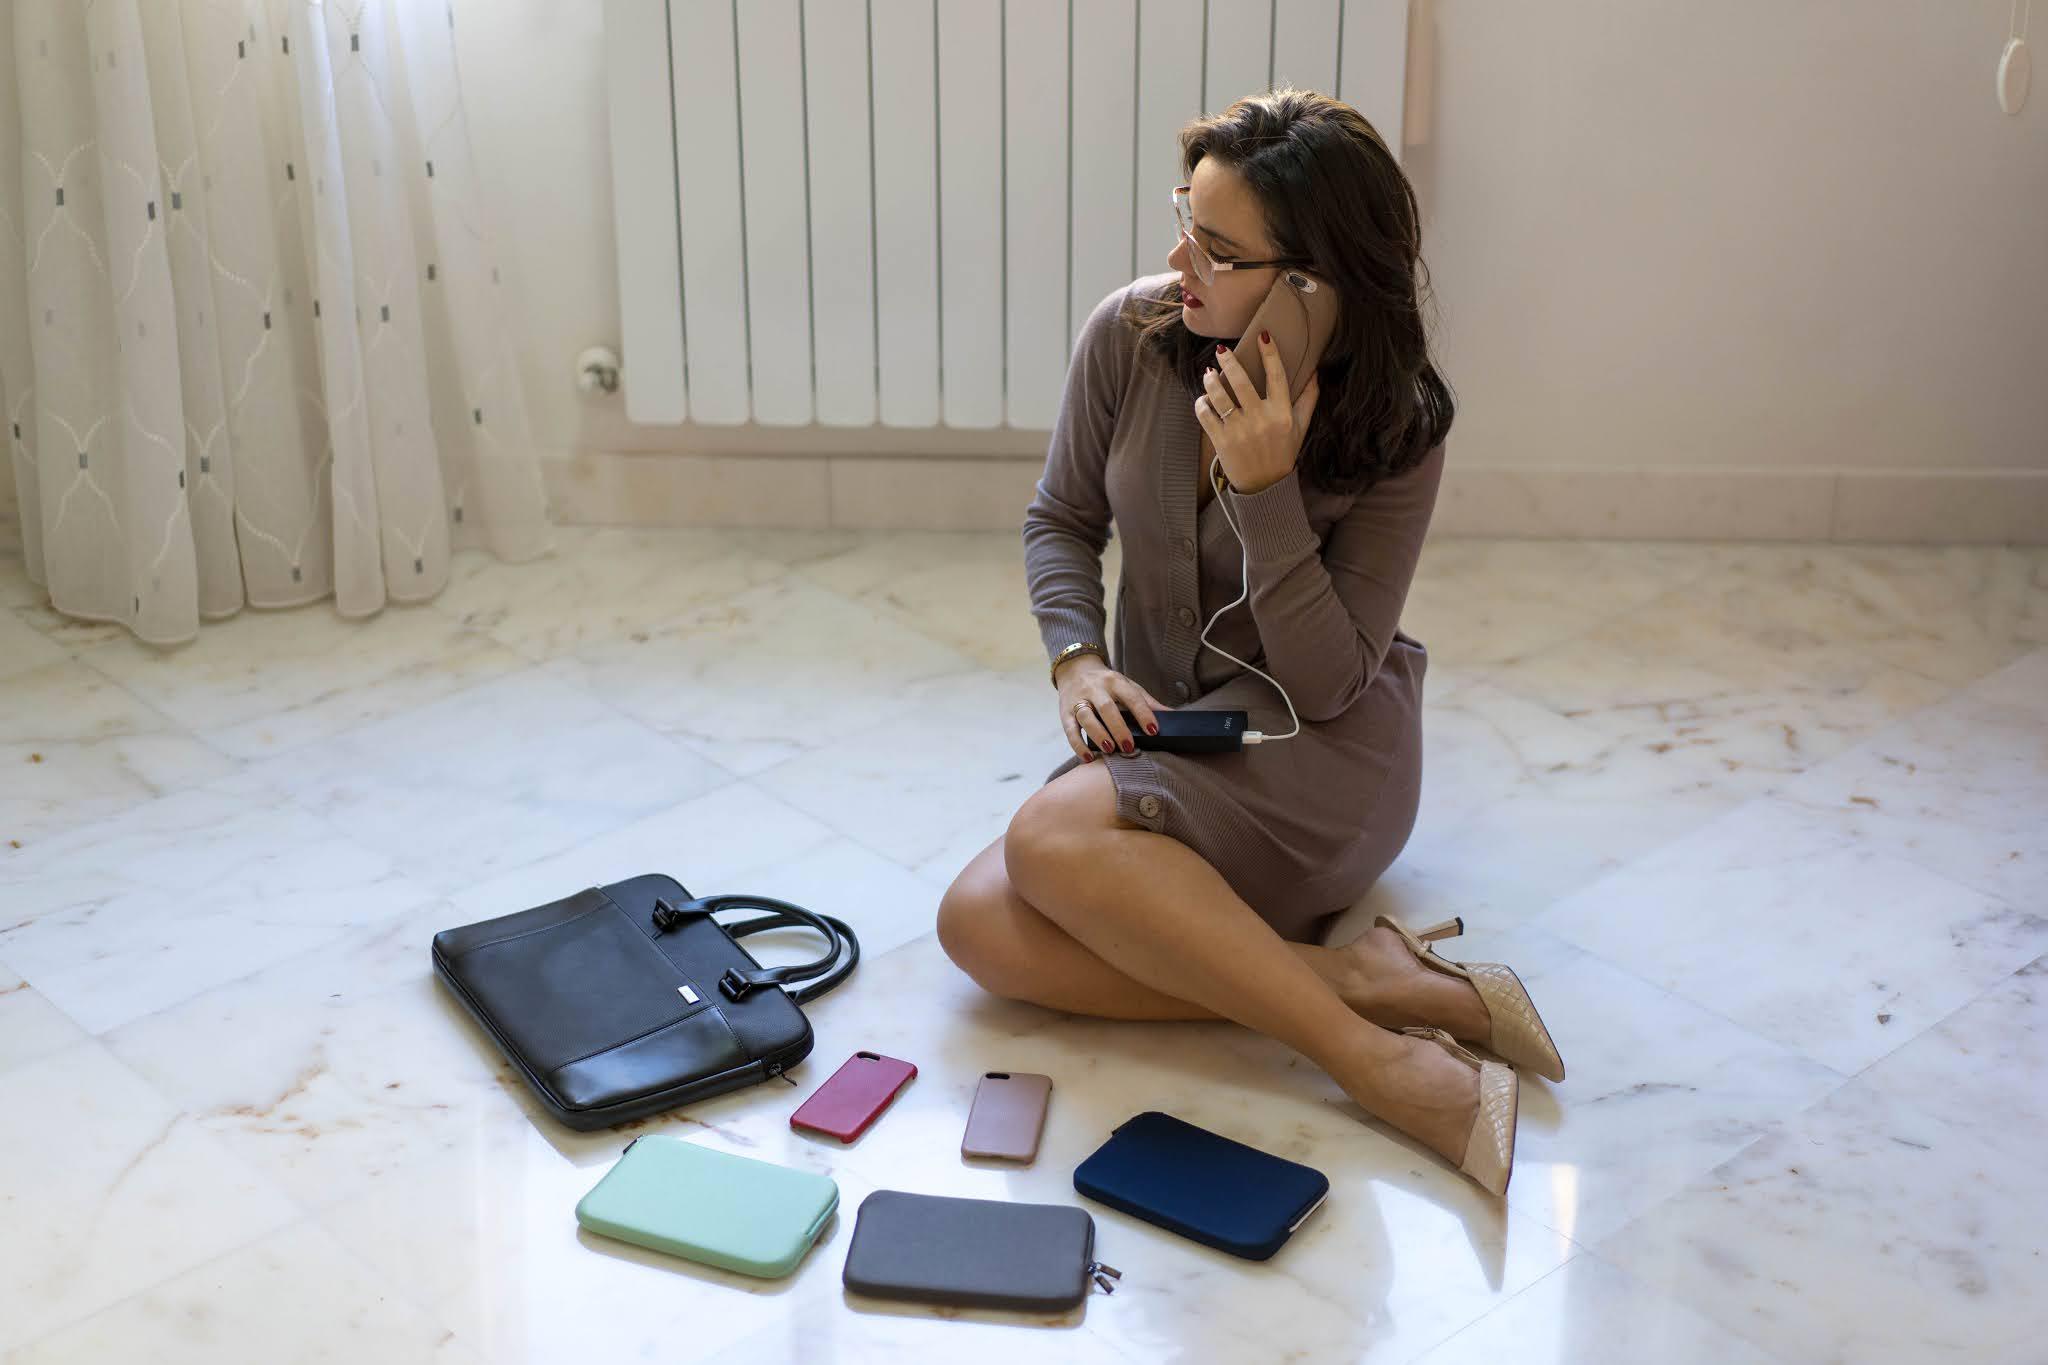 accessori low cost ma di pelle per pc, tablet, smartphone Artwizz